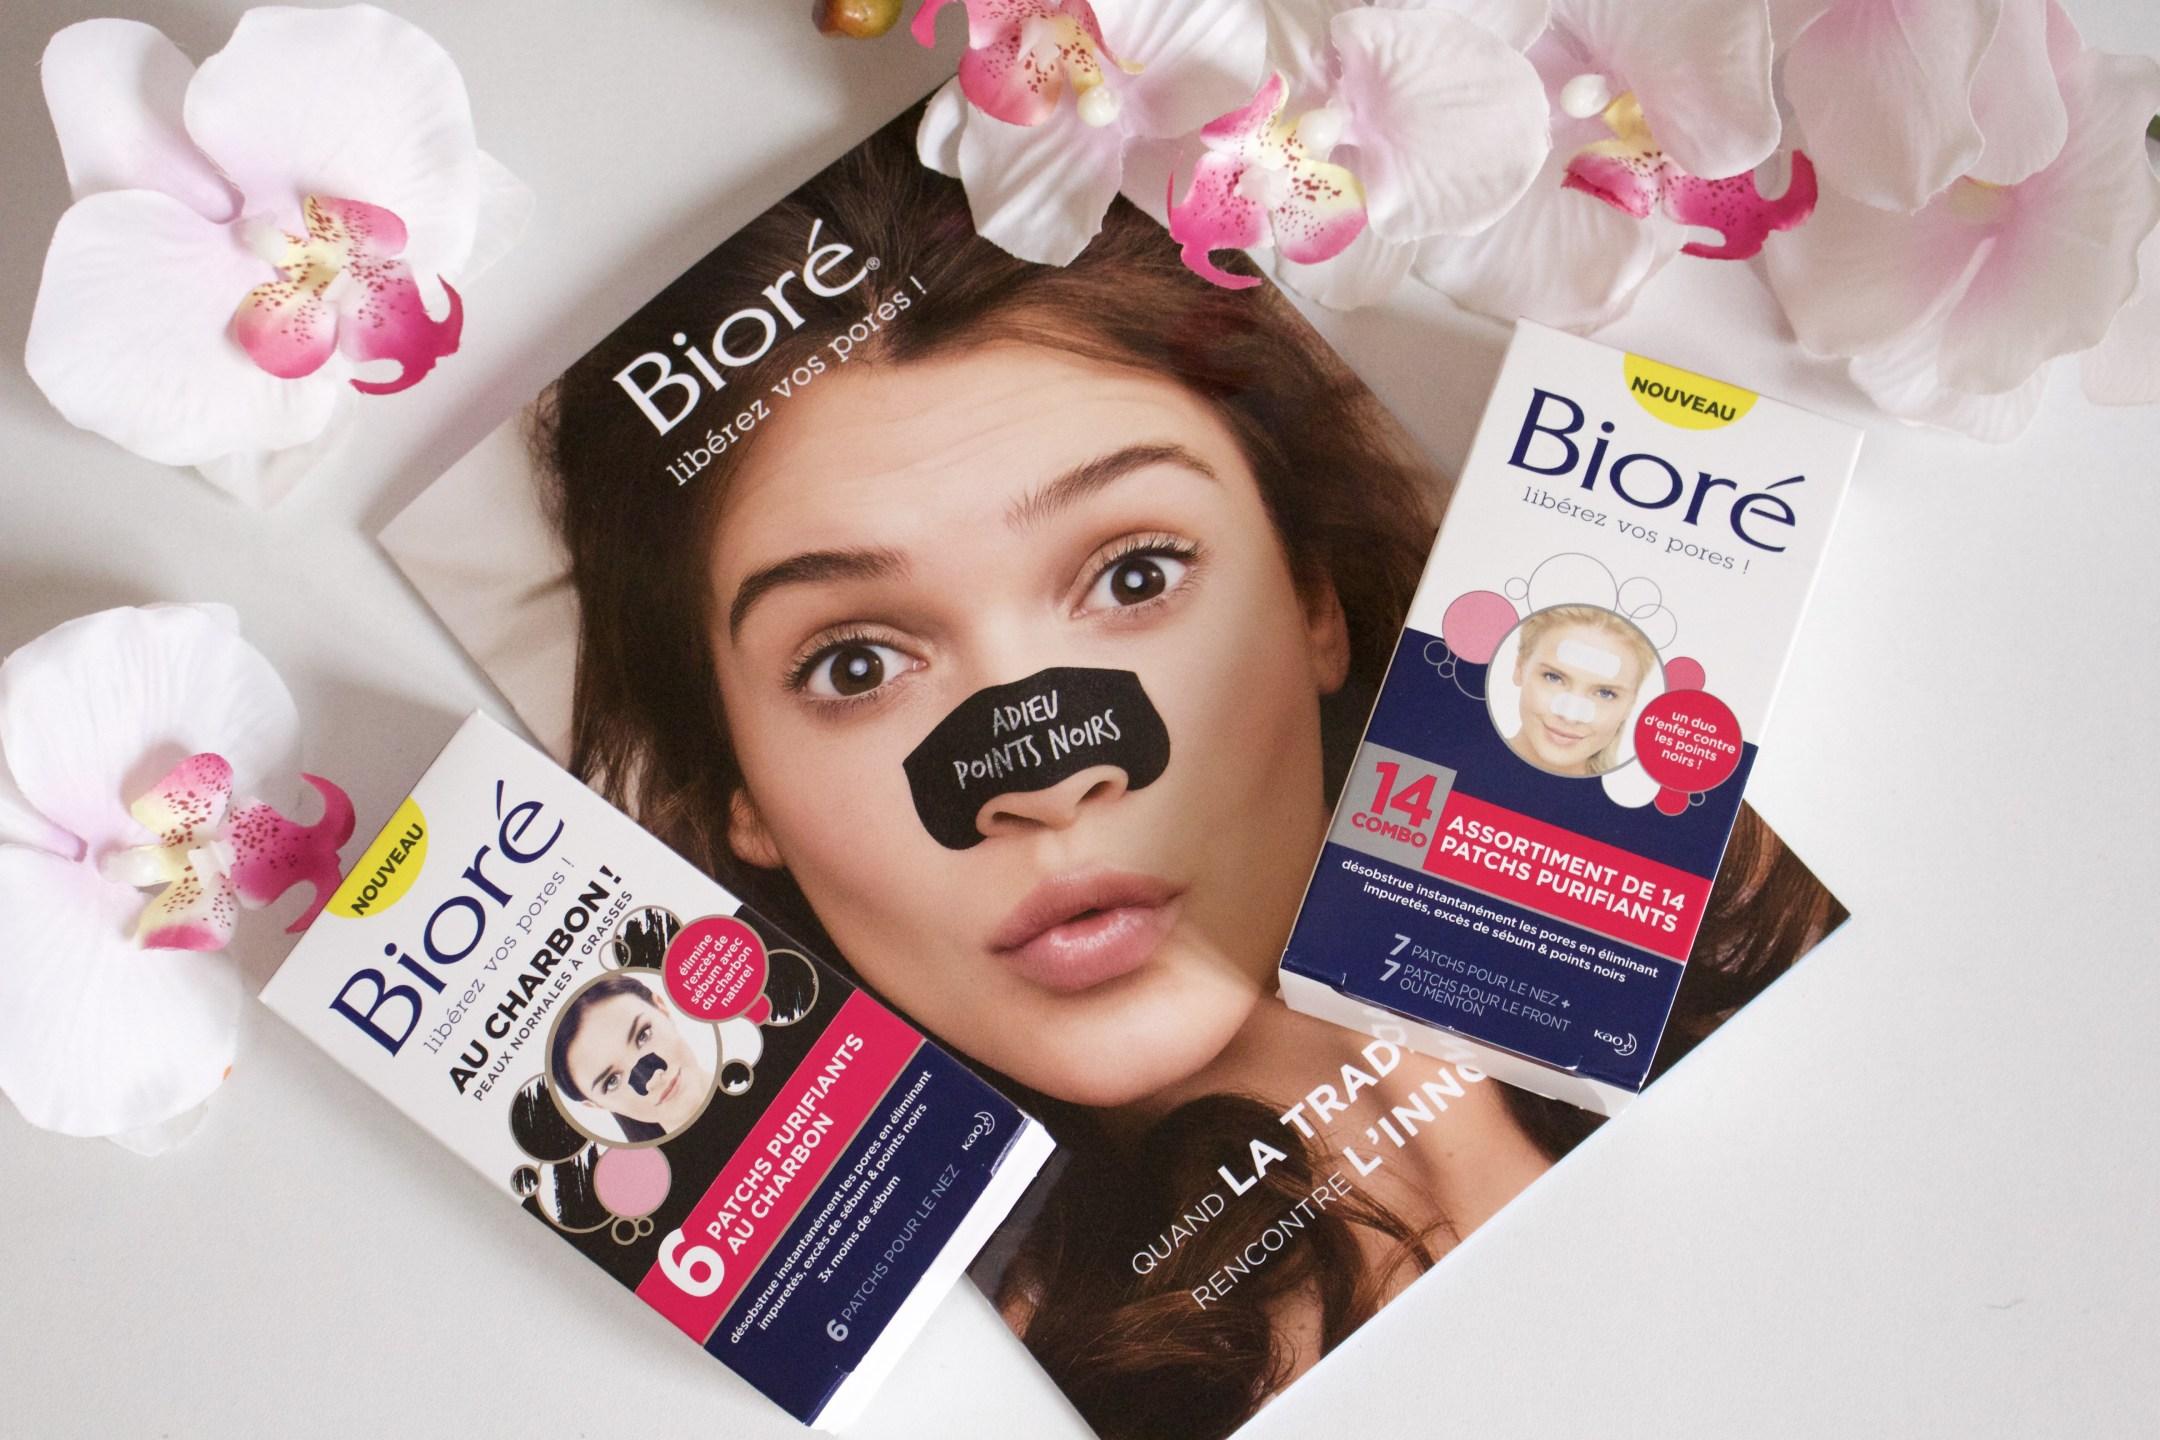 Libérez vos pores avec les patchs BIORE #concours - Lady heavenly